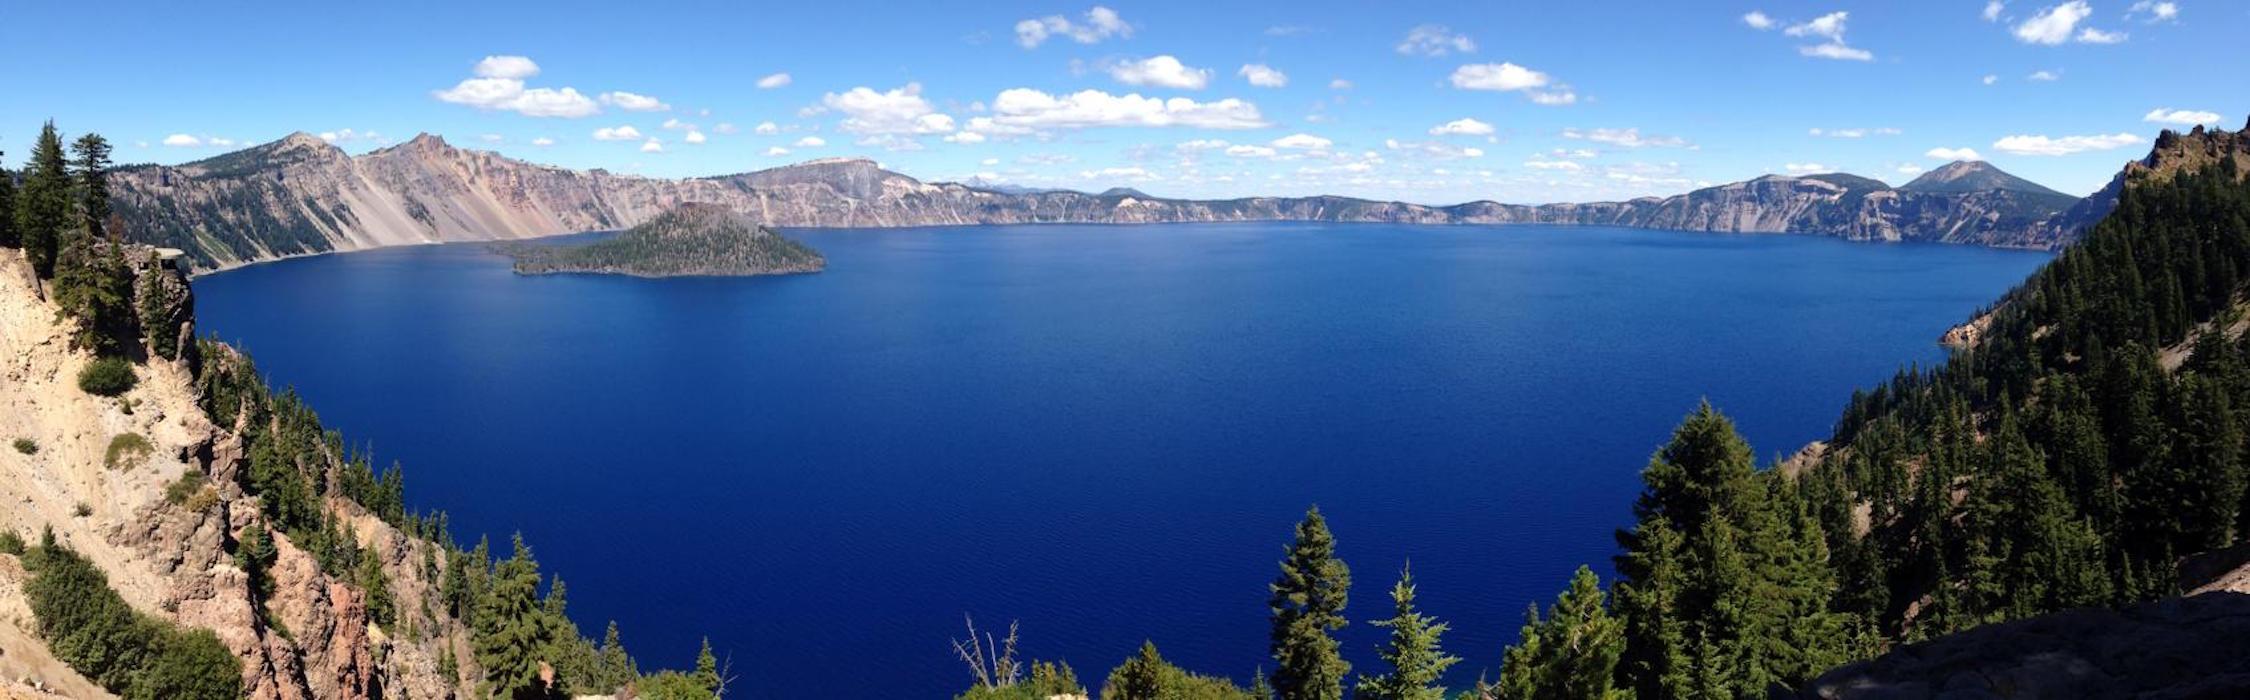 Crater Lake Tours